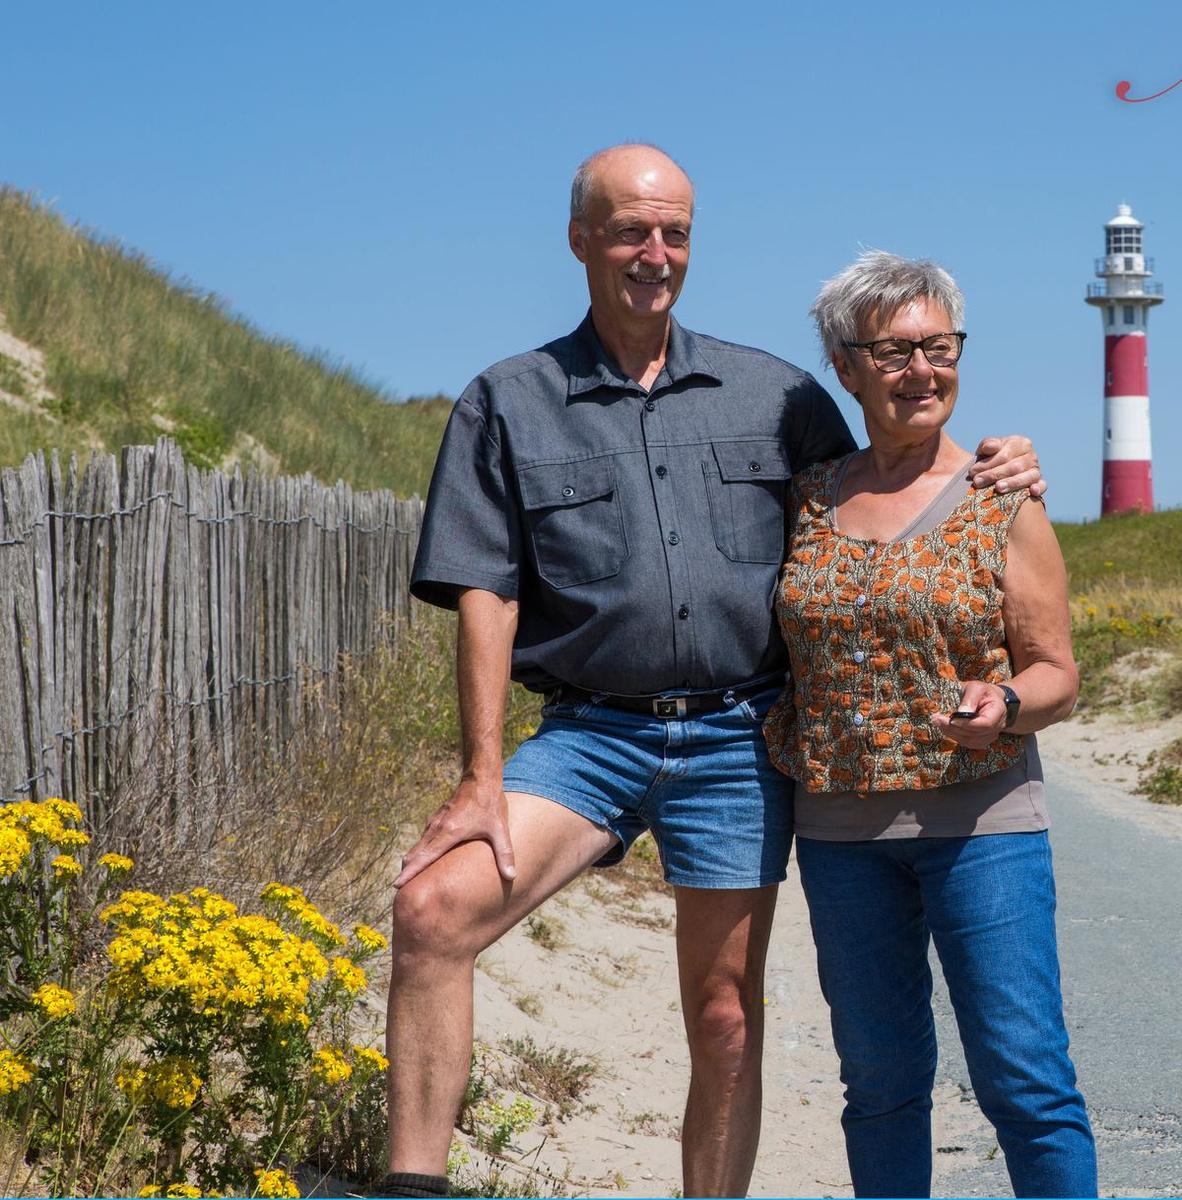 Het koppel verwoede hobbyfotografen Johan Rommelaere en Bernine Deramoudt dat de meeuw heeft gefotografeerd.